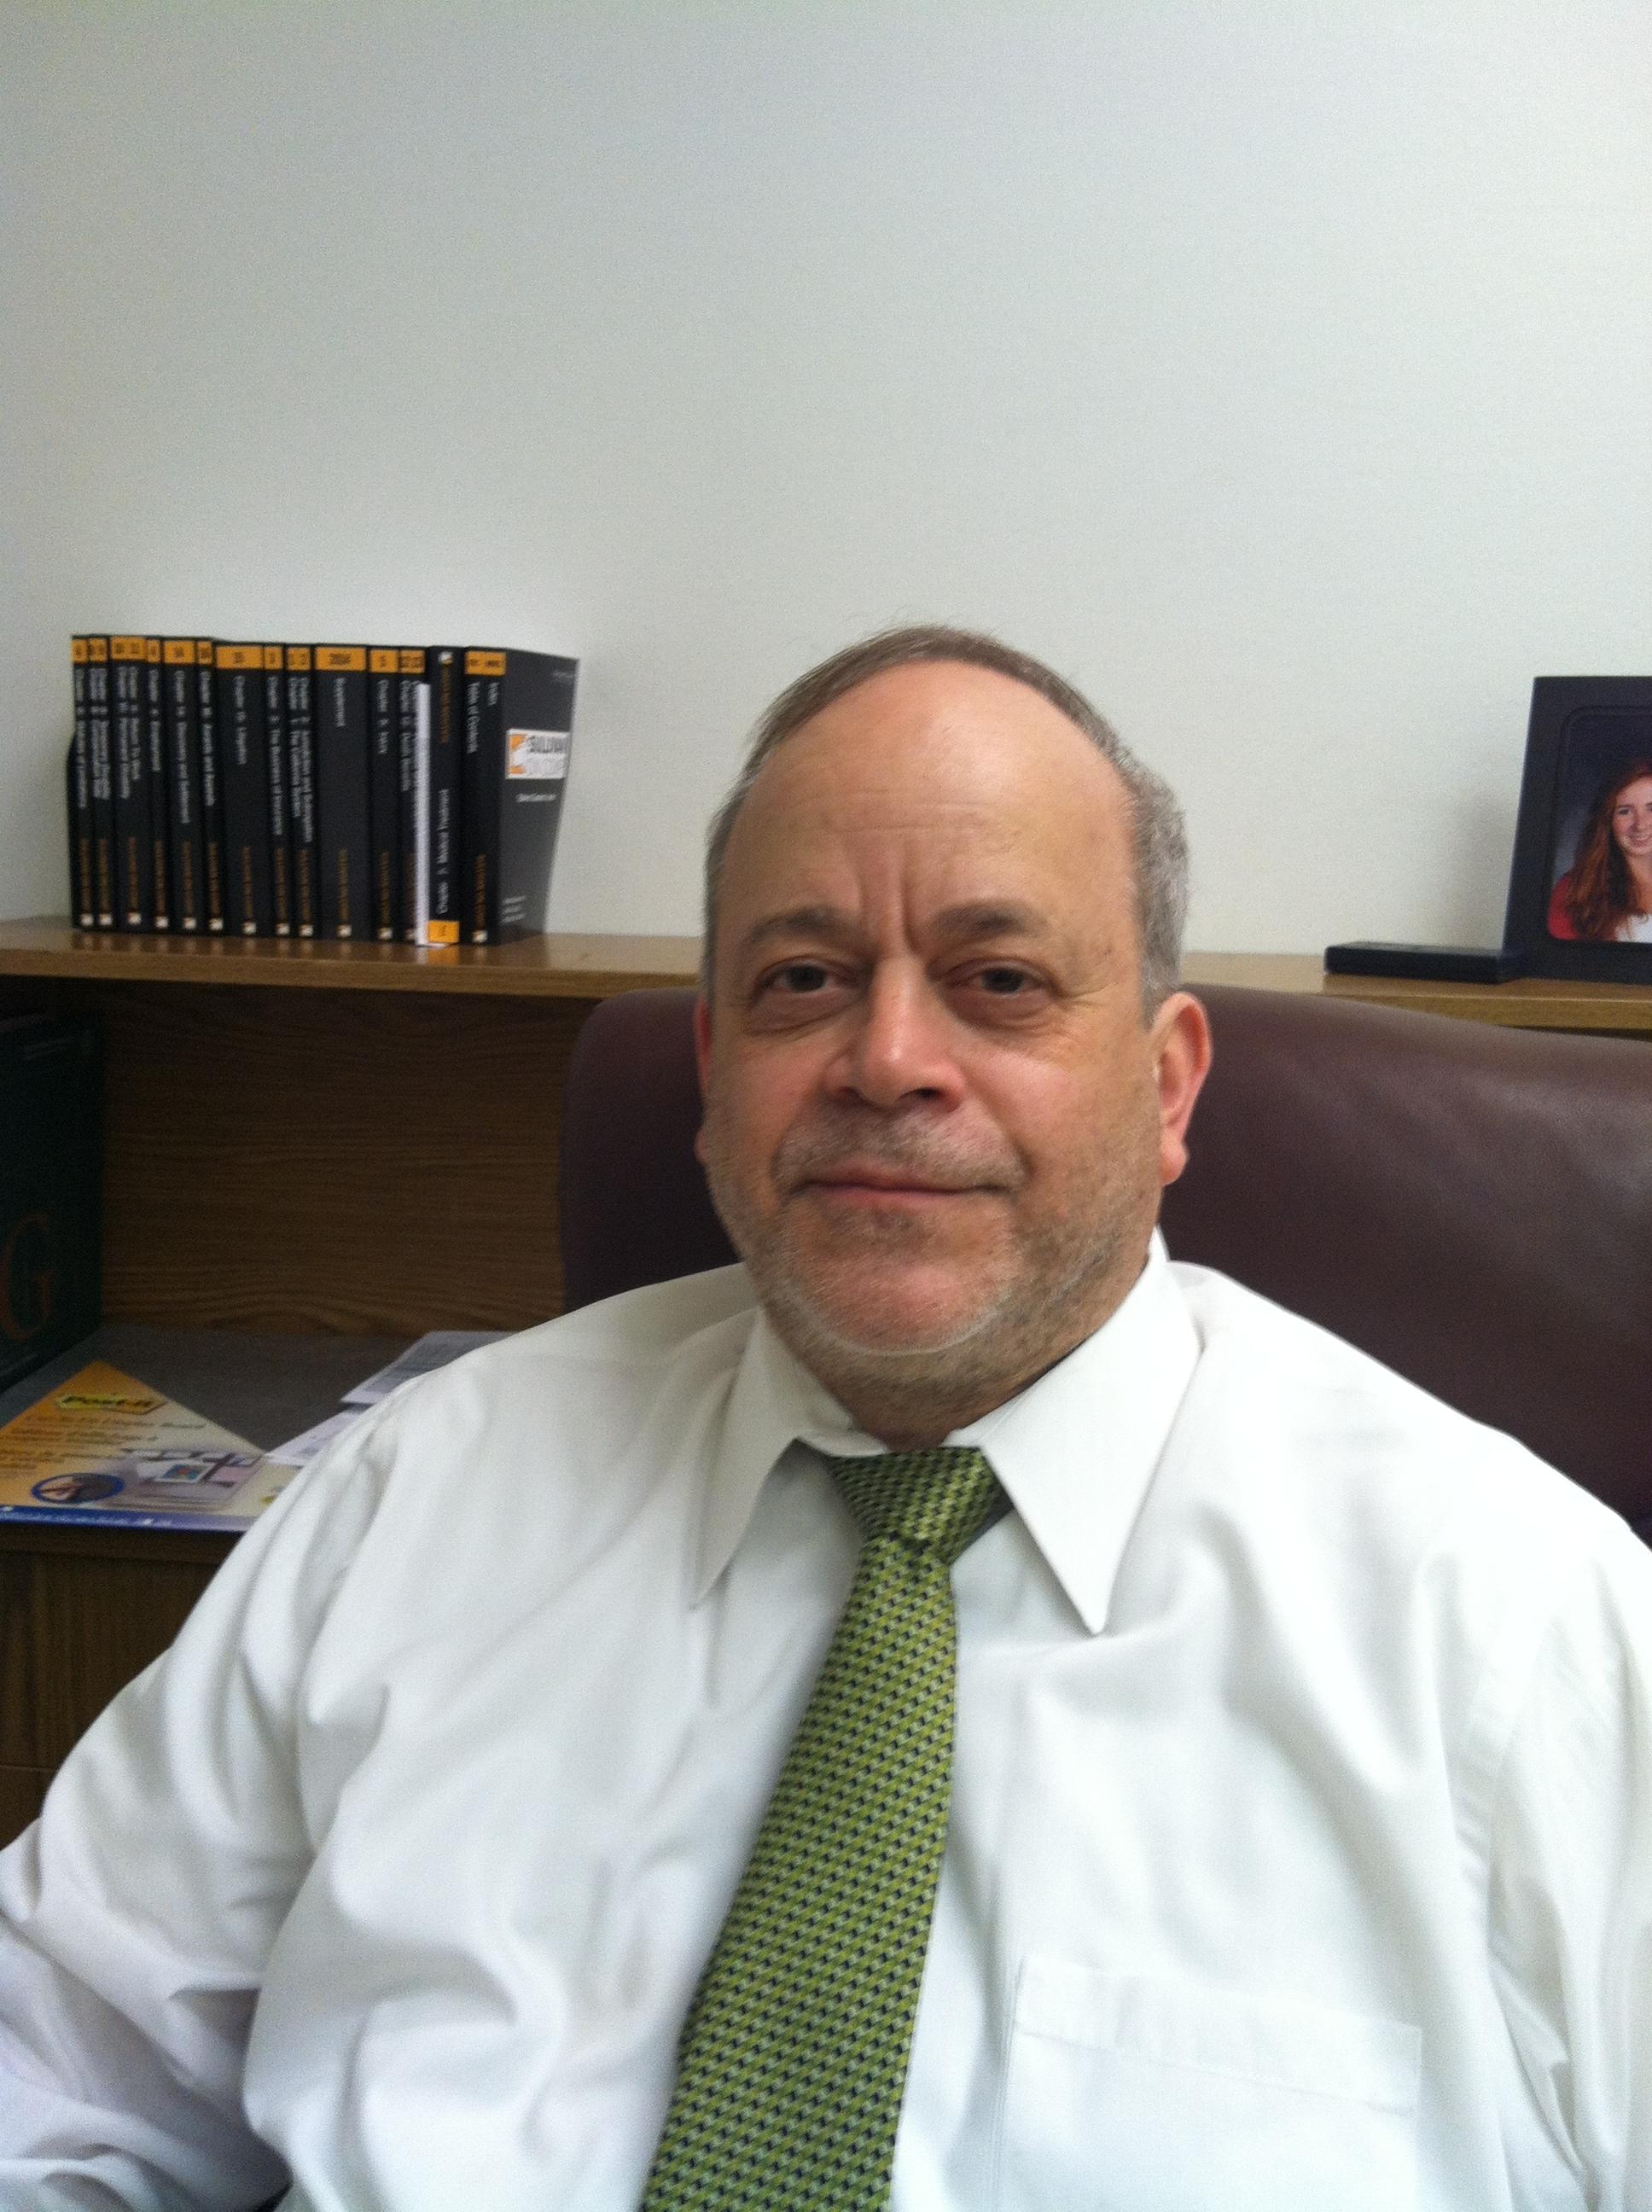 David Bonemeyer Work Injury Lawyer - ad image